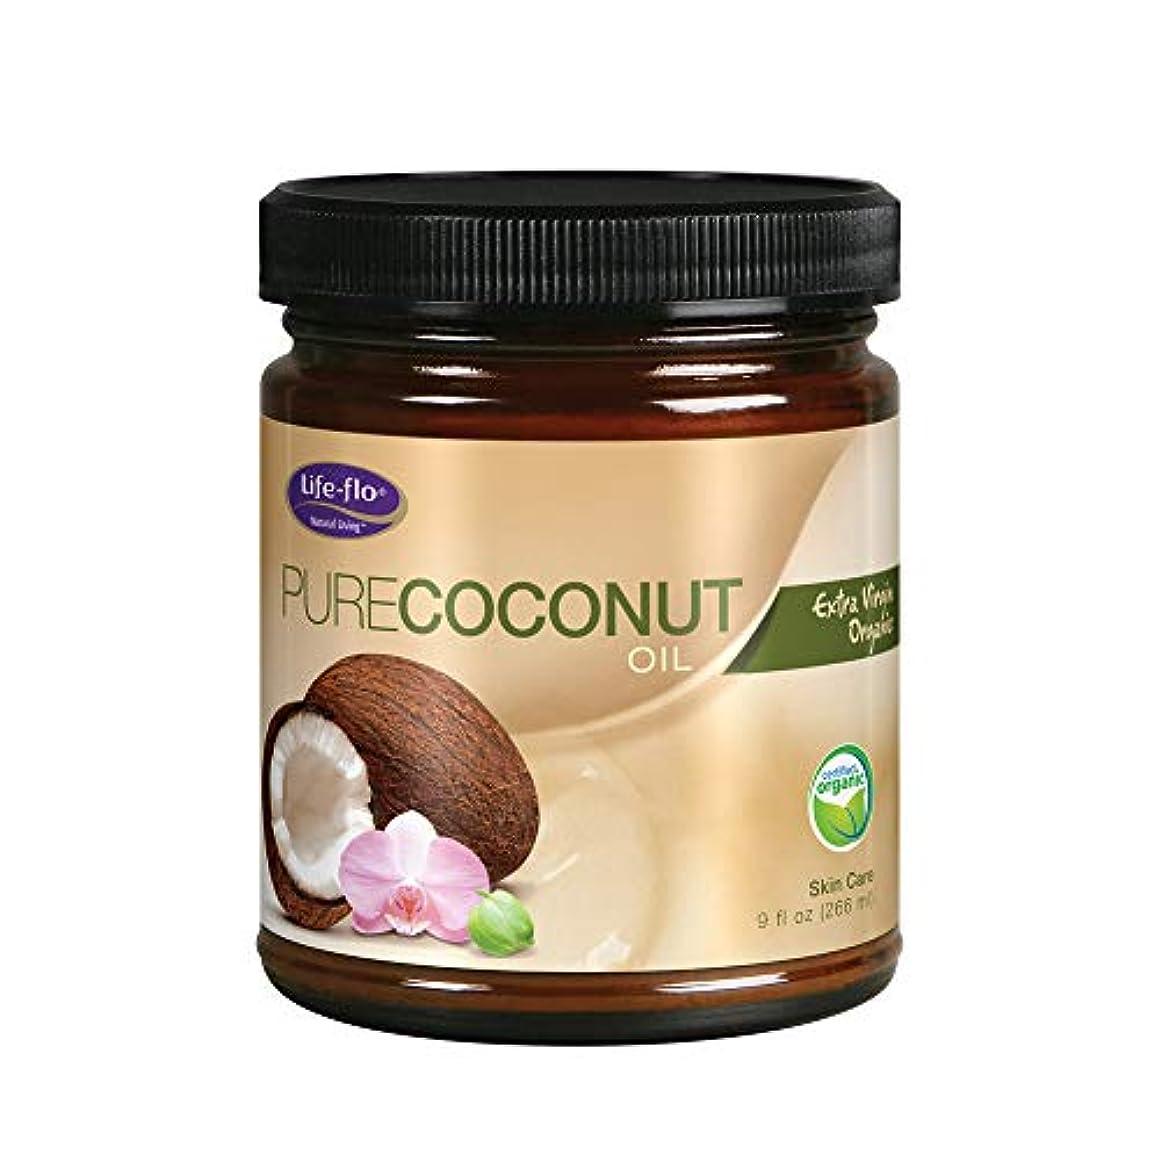 権威請うサーキュレーション海外直送品Life-Flo Pure Coconut Oil Organic Extra Virgin, 9 oz